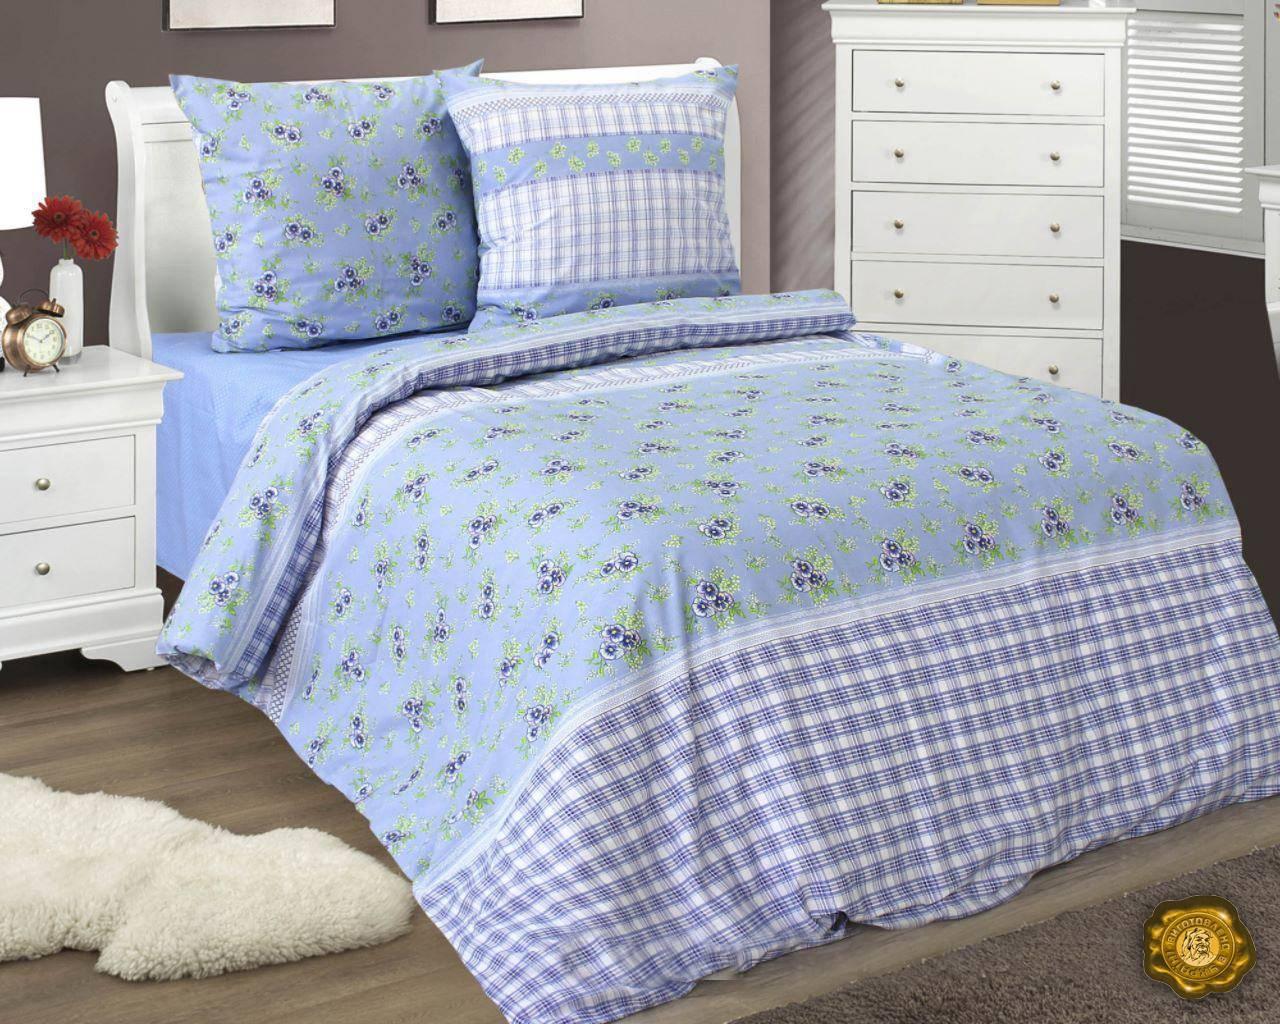 Еней-Плюс Евро постельный комплект Б0360 Еней-Плюс, цвет: голубой, белый